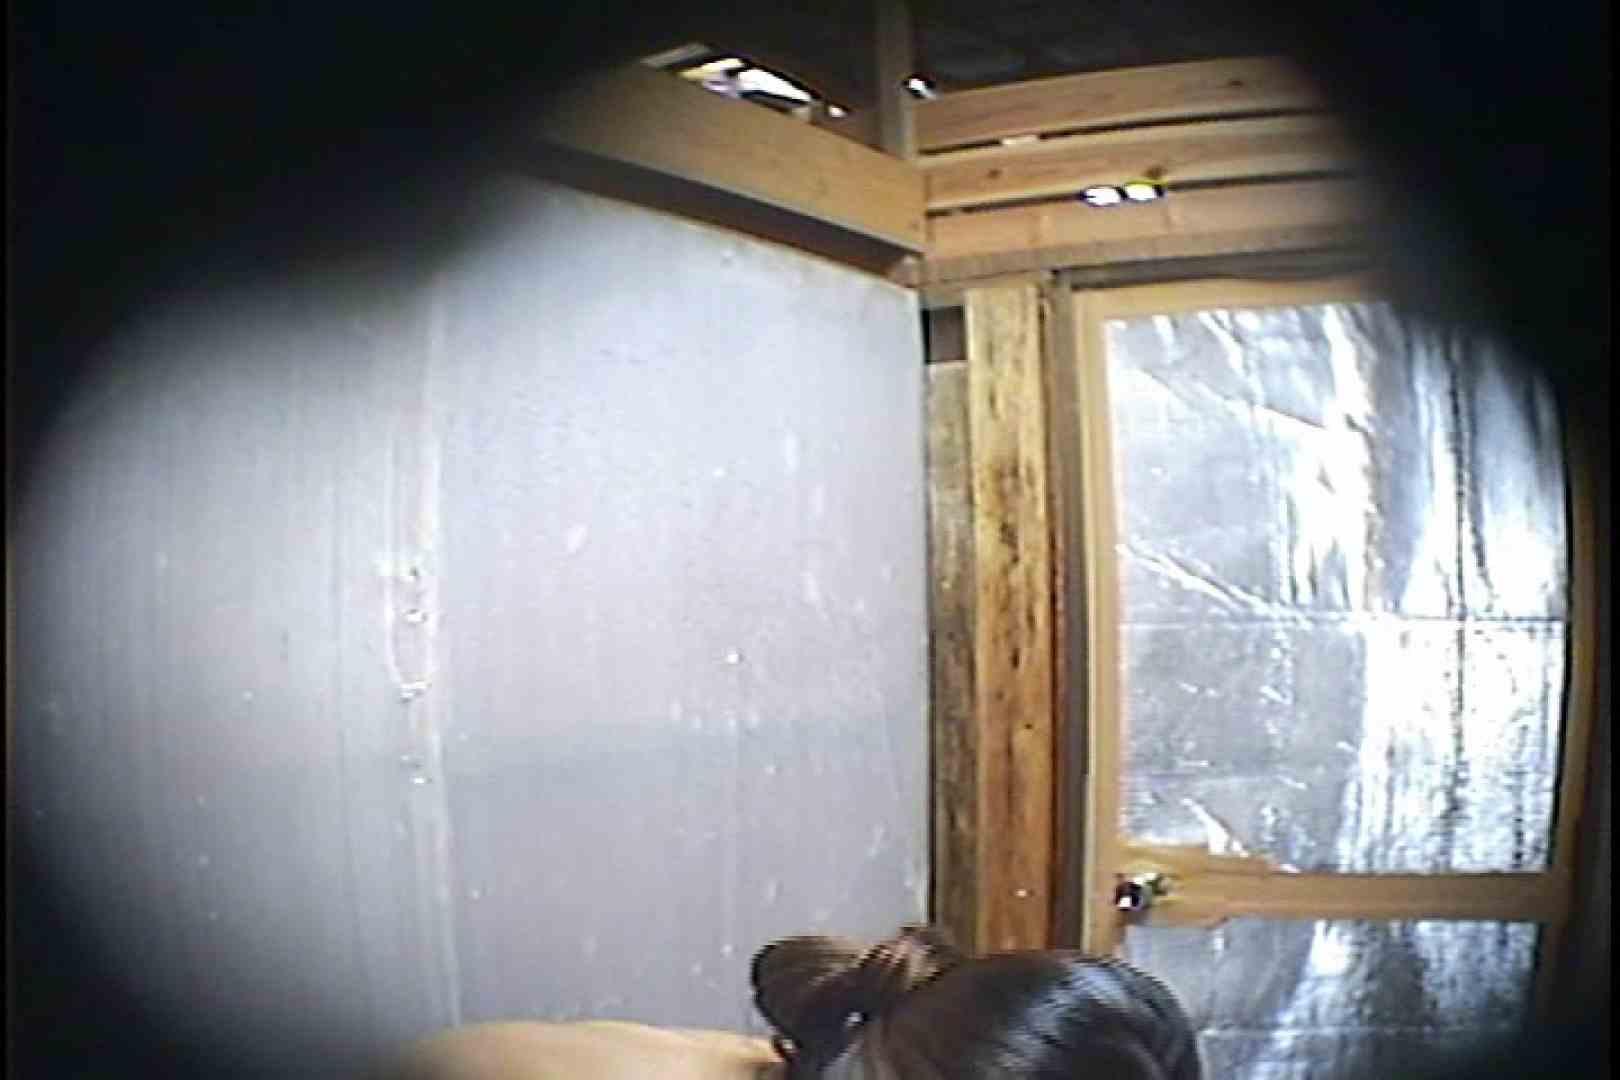 海の家の更衣室 Vol.45 美女 オマンコ無修正動画無料 78画像 70